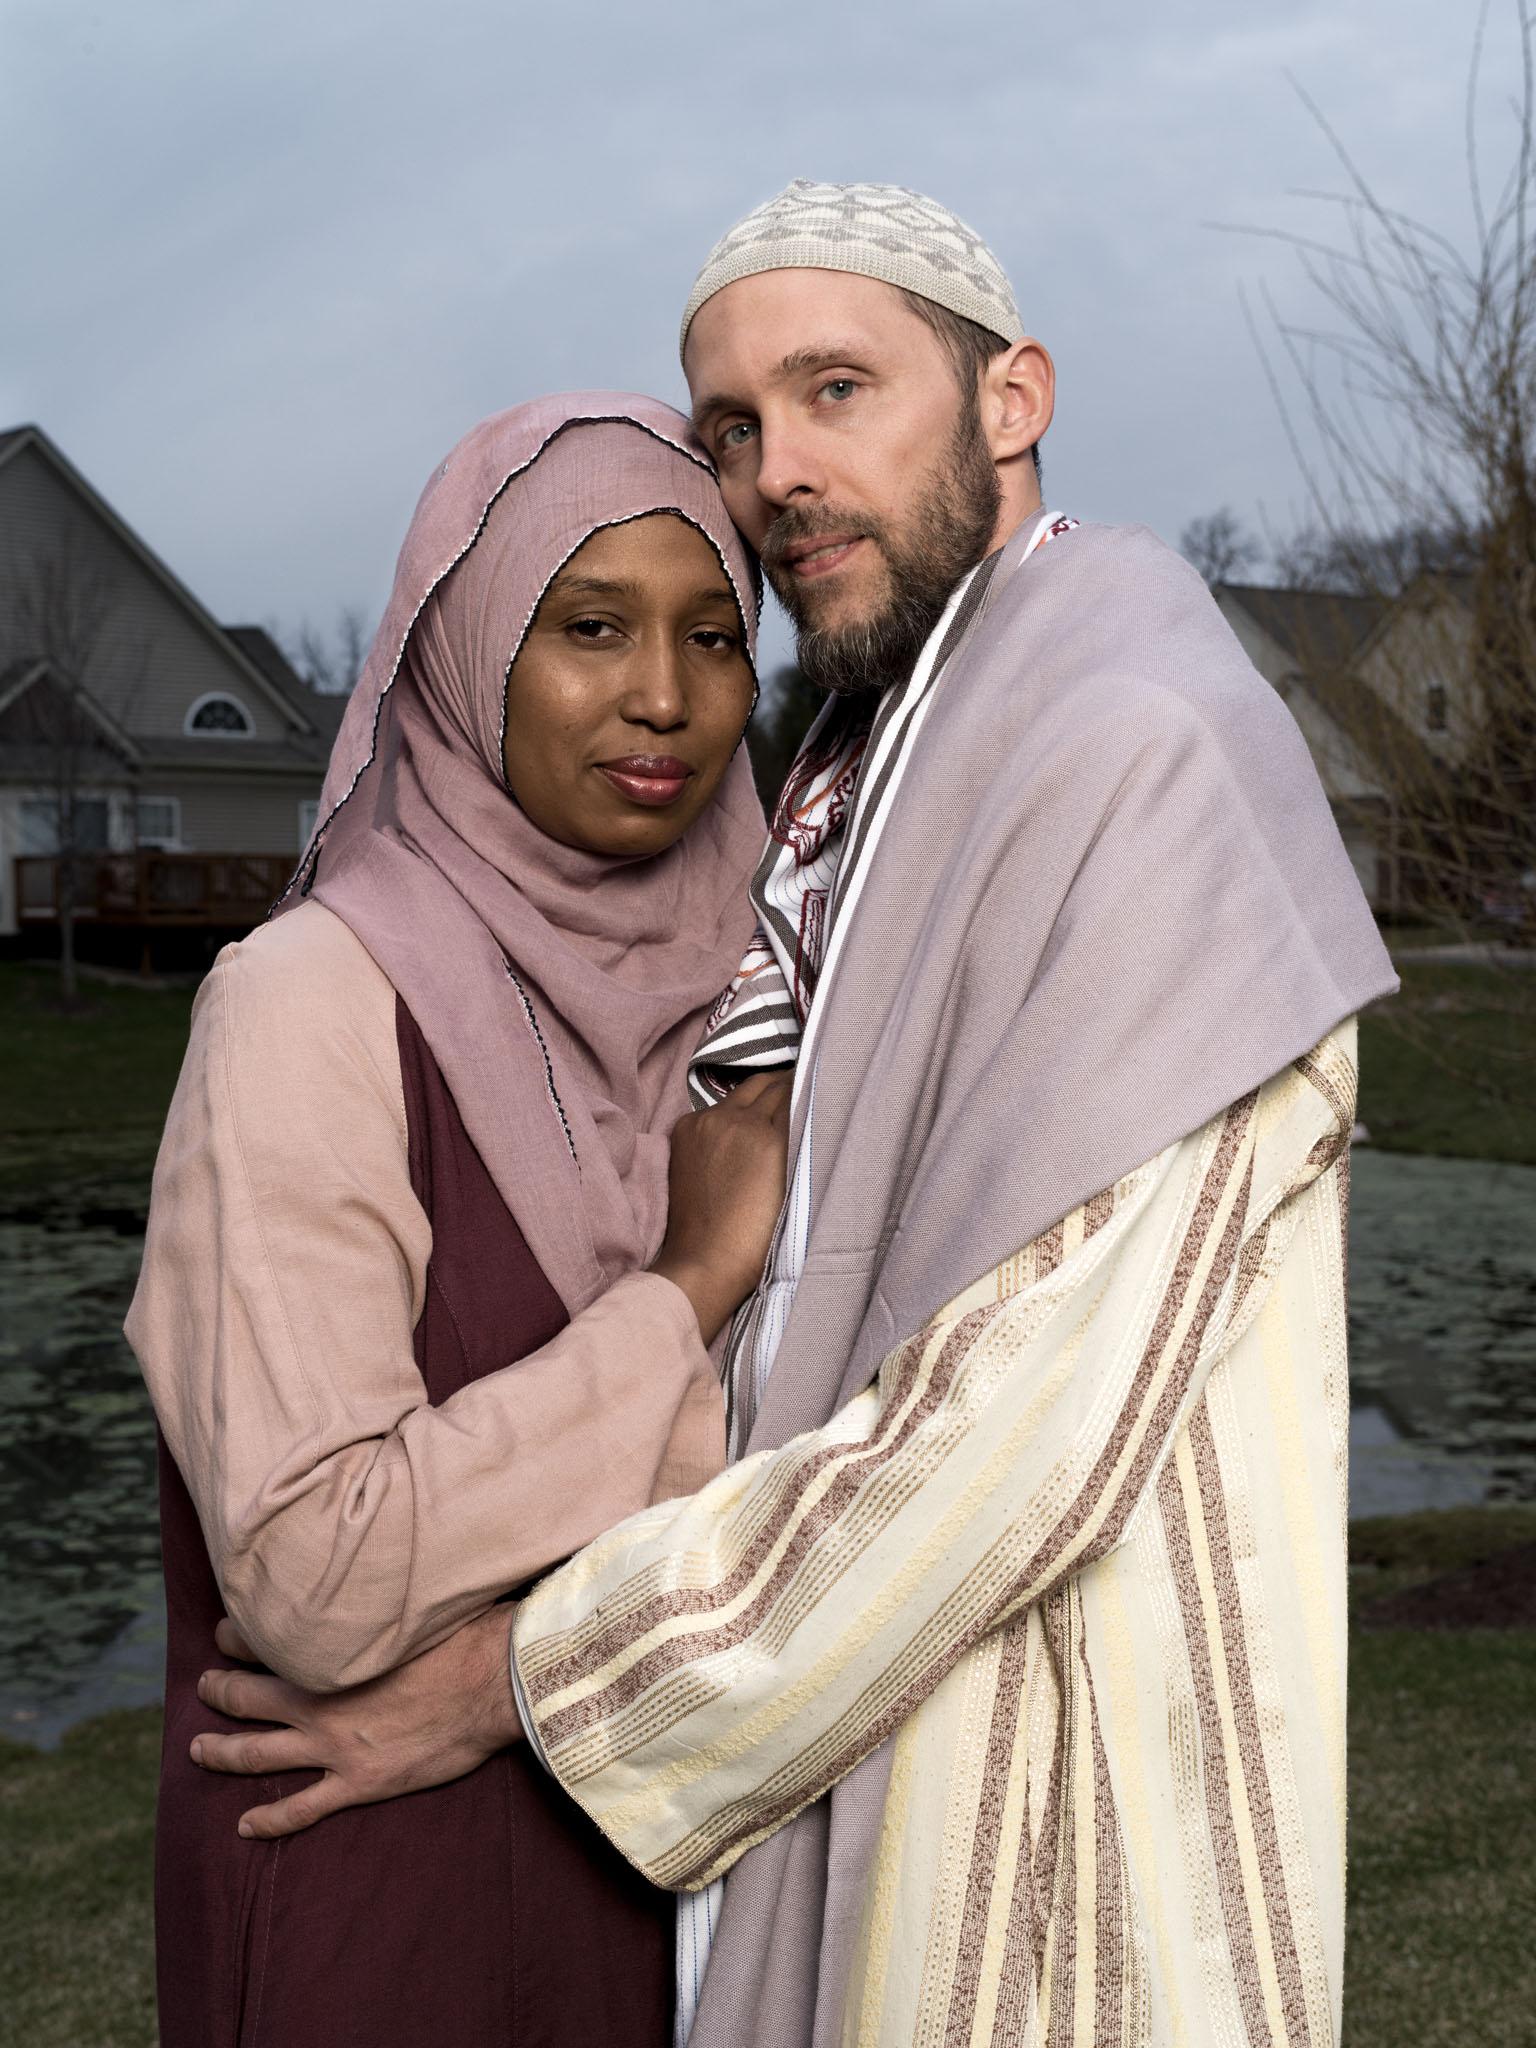 미국에서 이슬람교도로 산다는 것